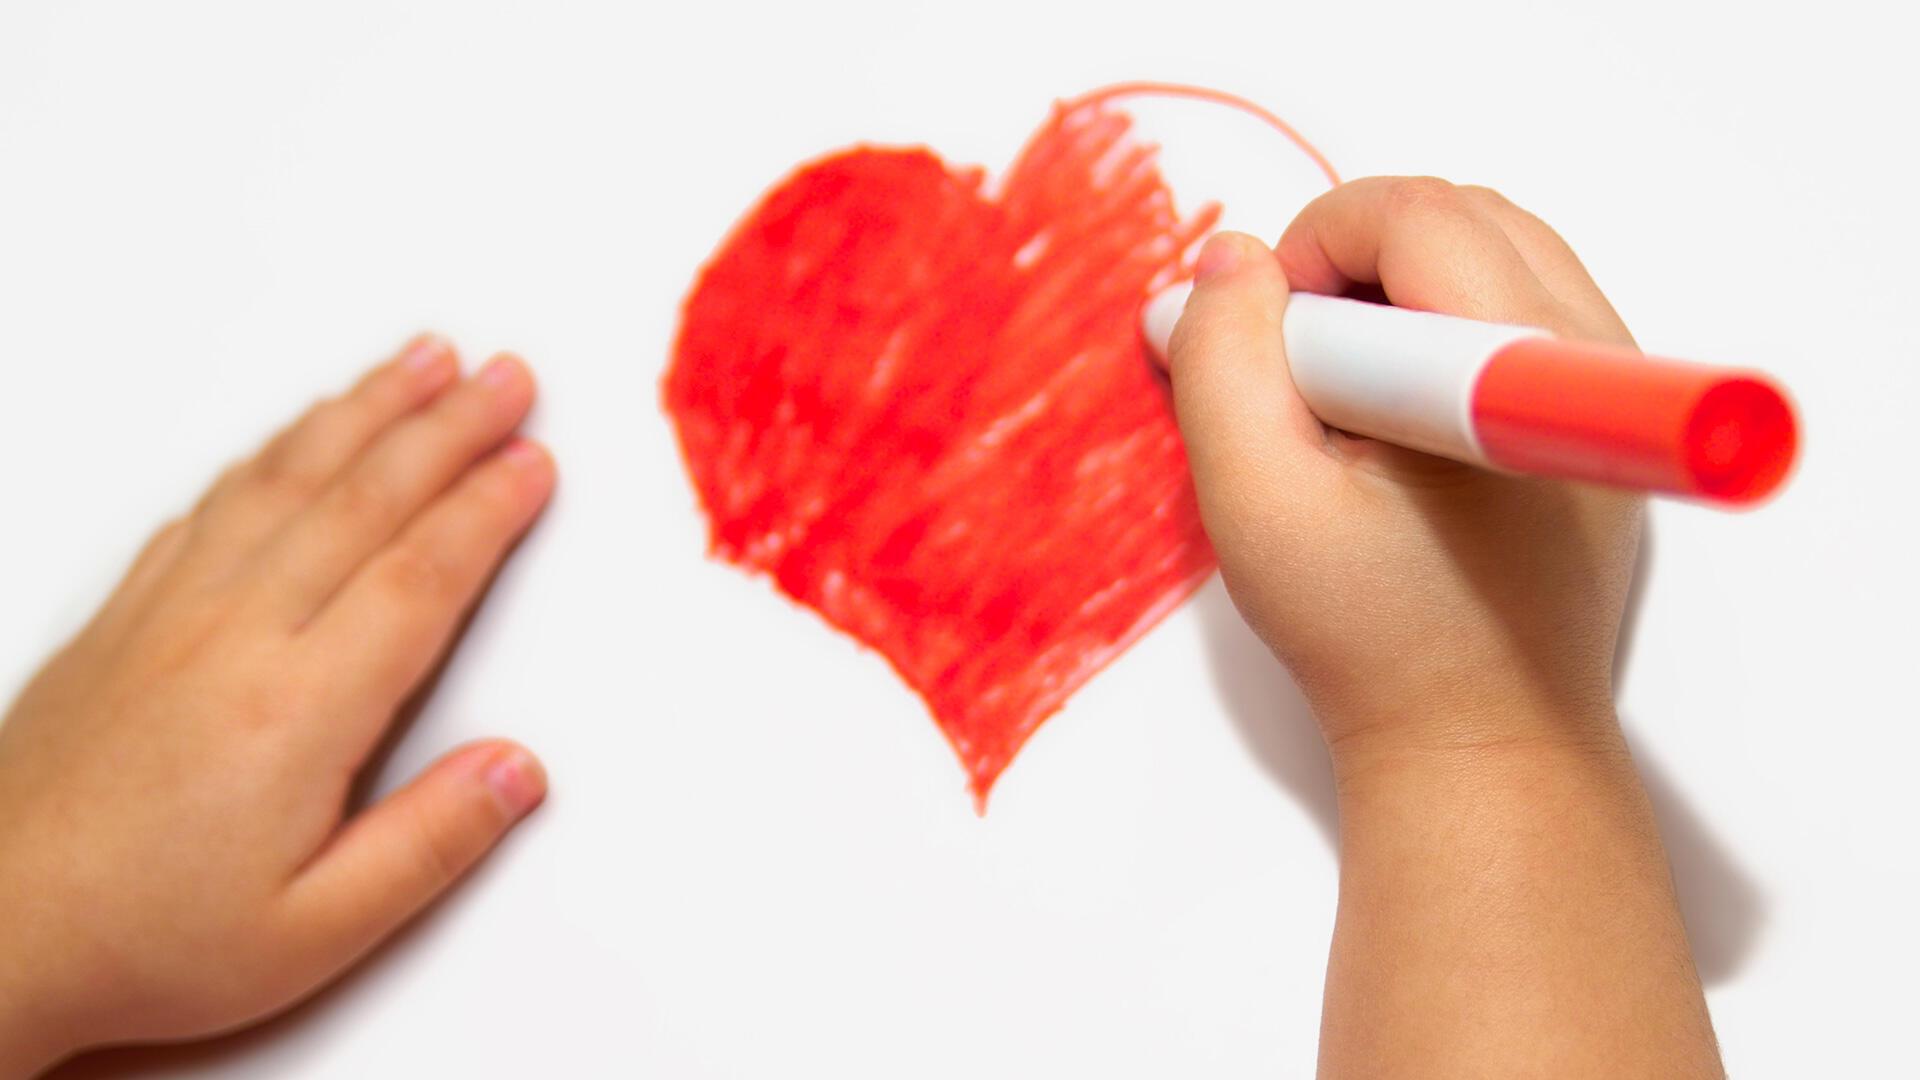 Les malformations cardiaques sont les malformations les plus fréquentes chez l'enfant.